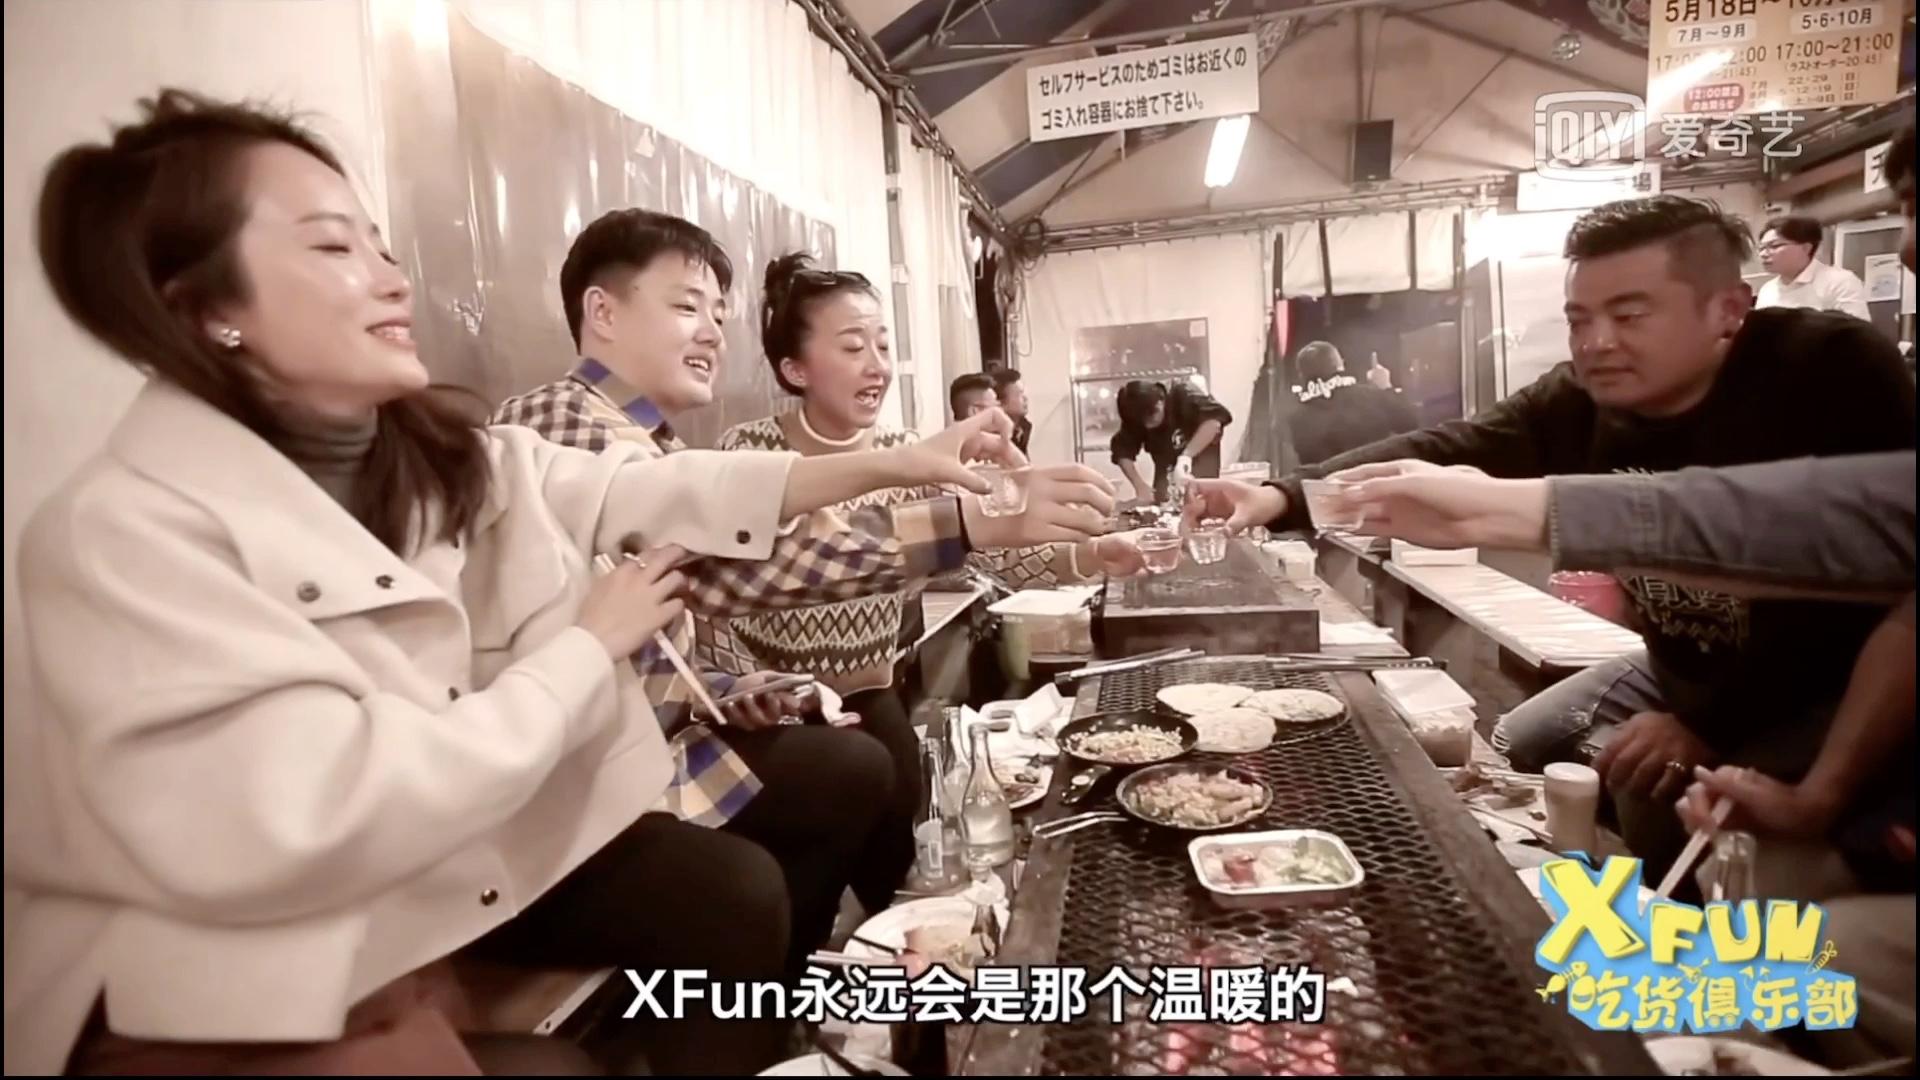 <b>xfun吃货俱乐部</b> 孙夏离职